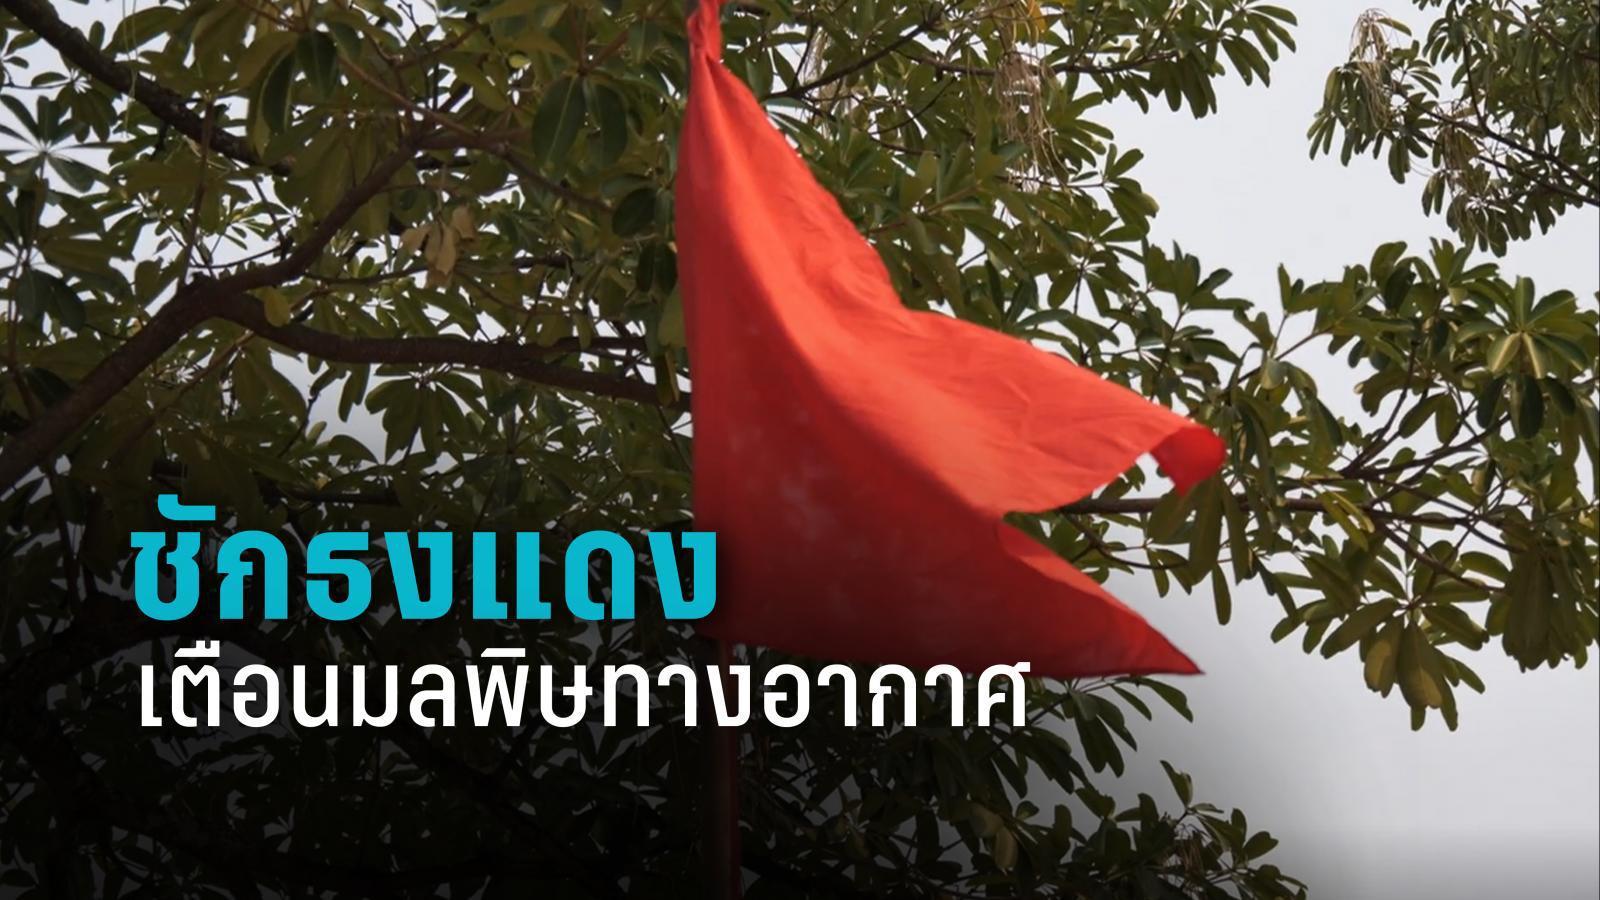 ชักธงแดง ขนพัดลมไล่ฝุ่นในห้องเรียน พบเด็กหลายคน มีอาการระบบทางเดินหายใจ